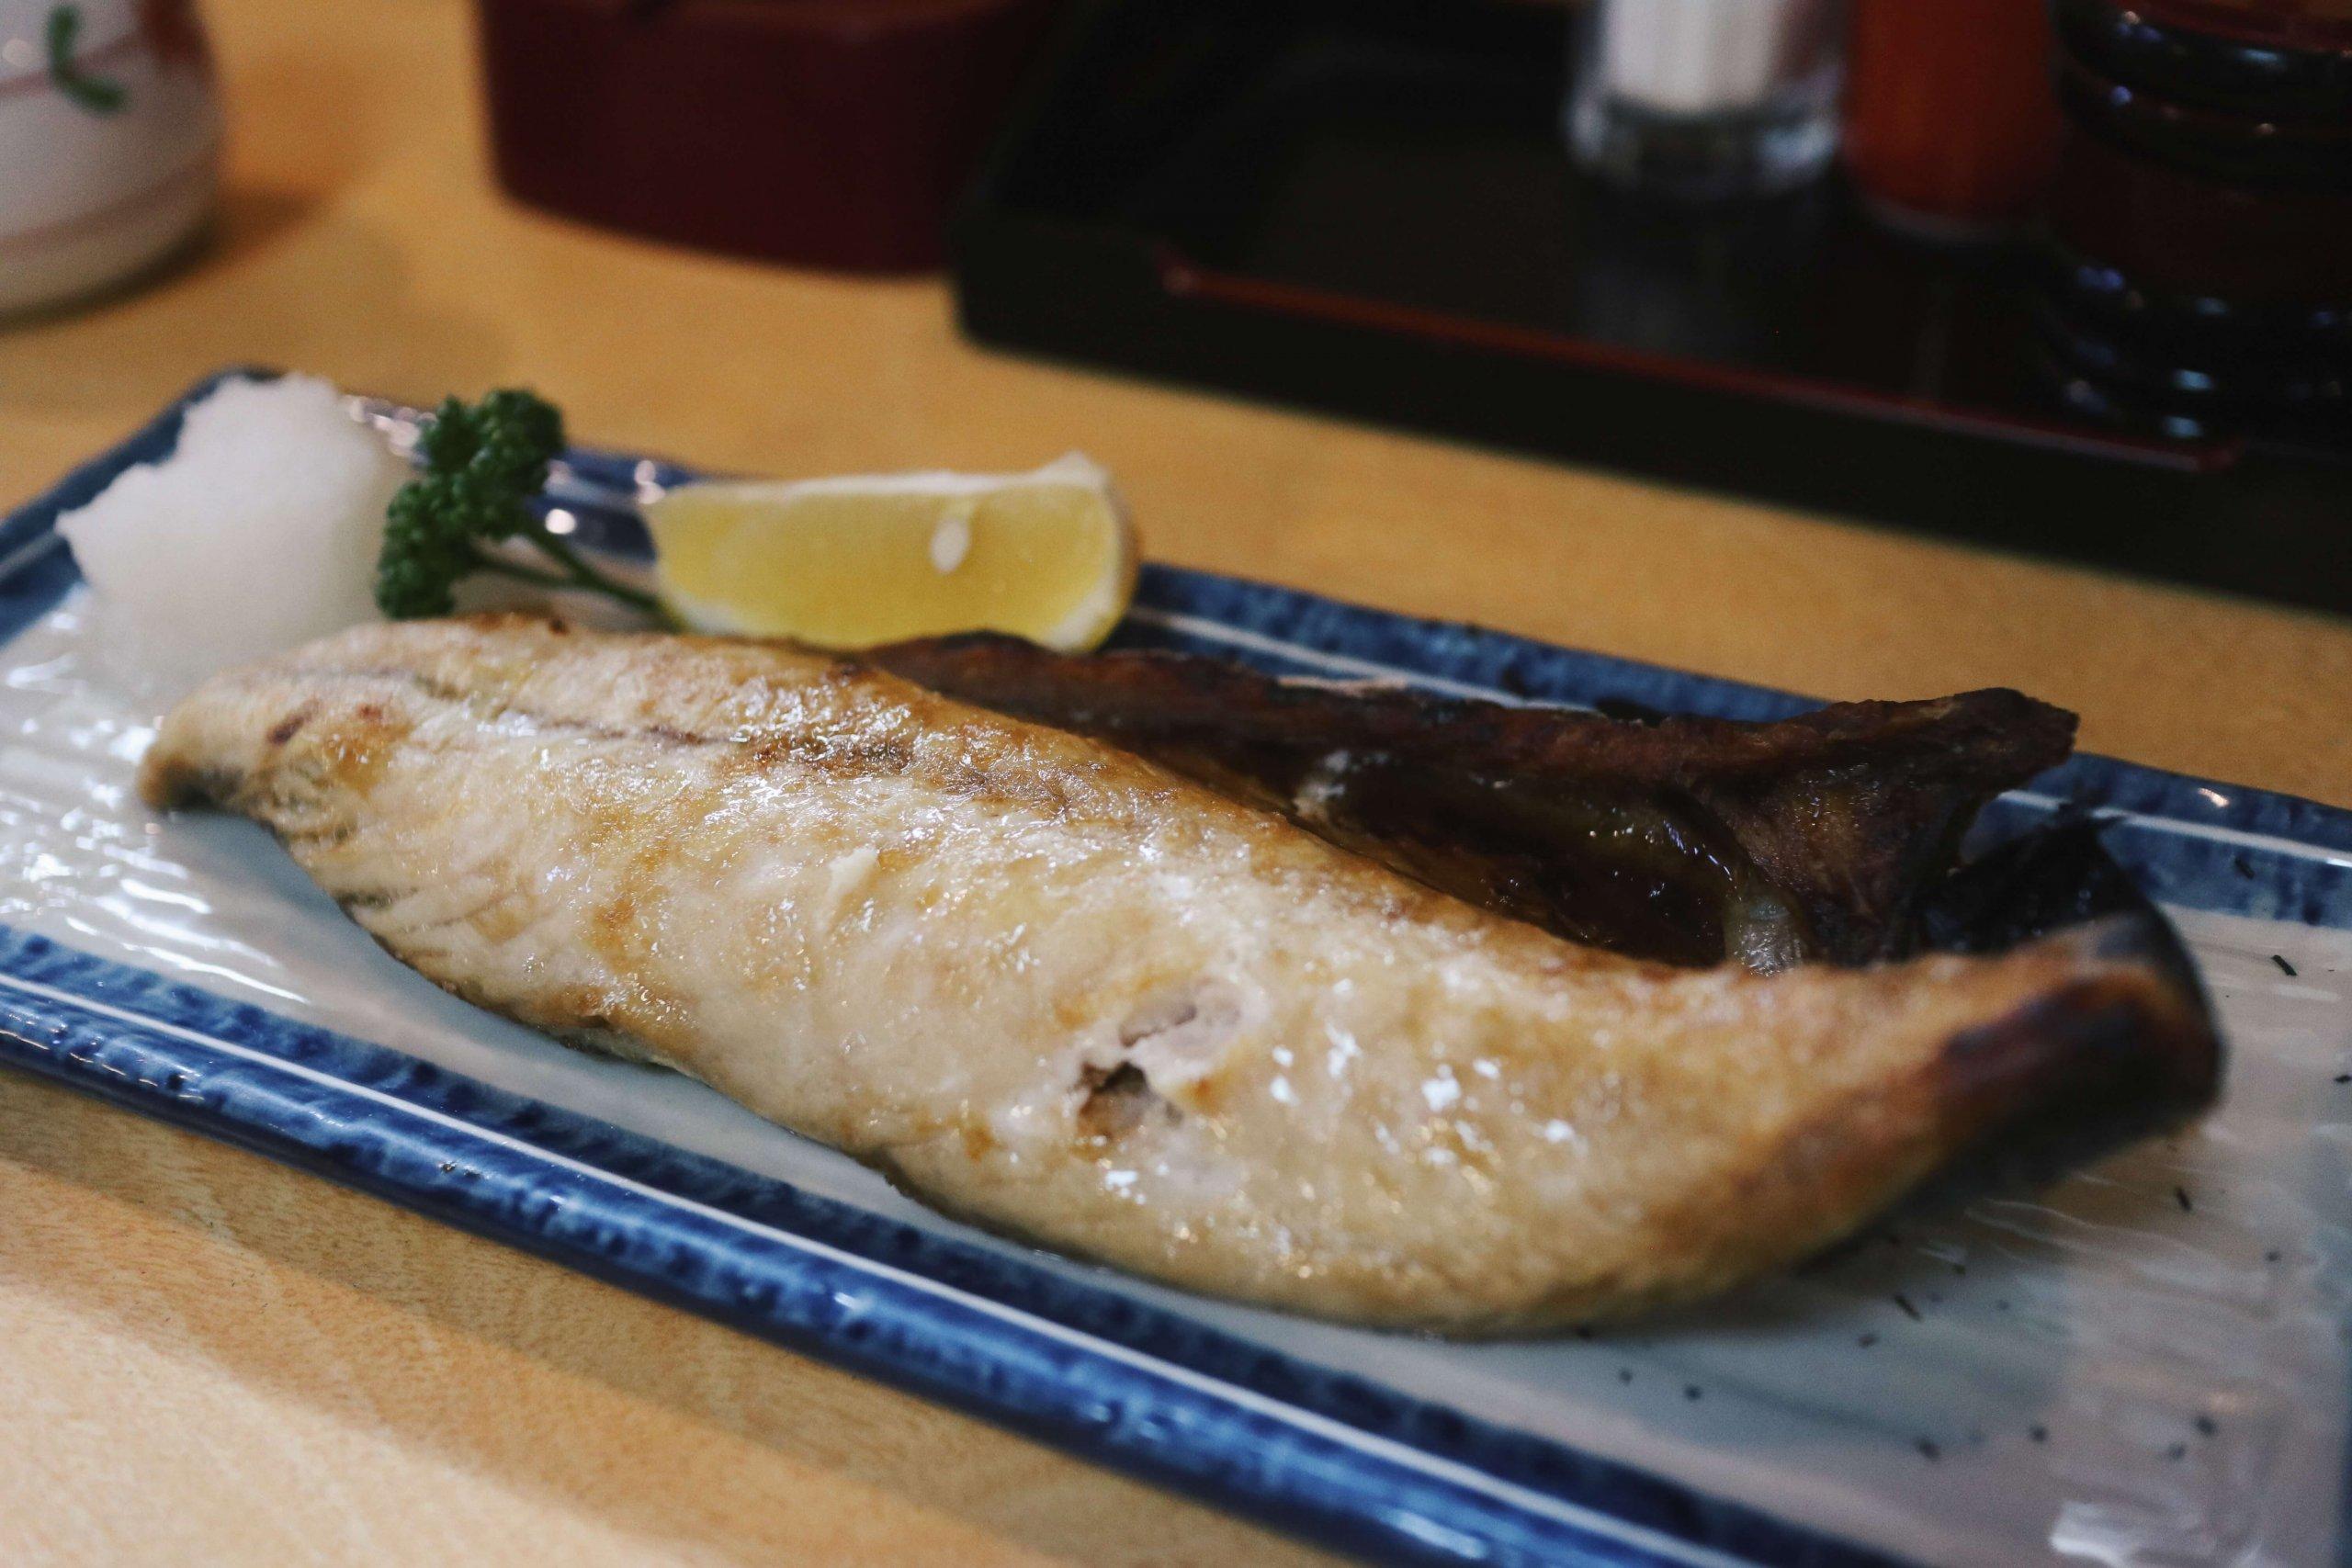 ローカルWEBメディア・地域サイト 草加ローカルストーリー 草加 居酒屋 三芳 文化サバ